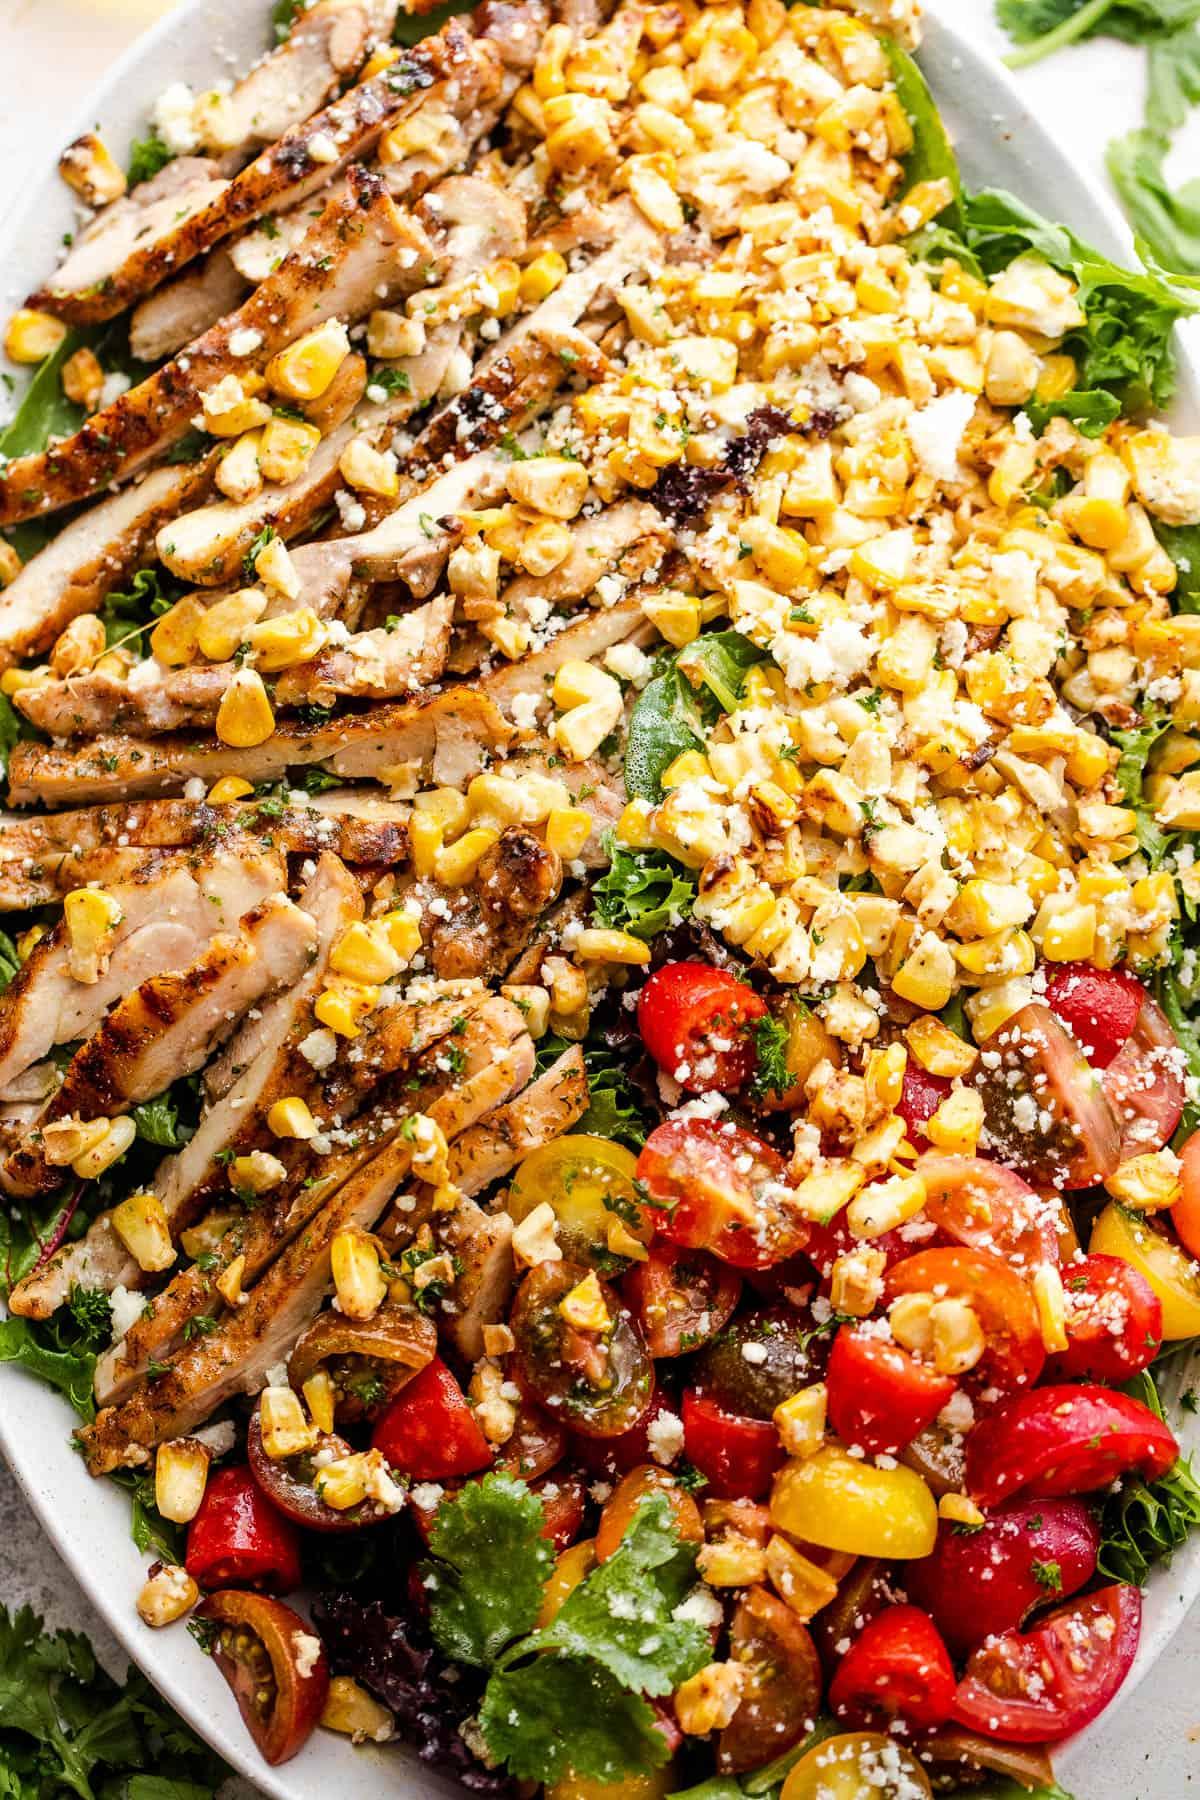 mexikói csirke kukorica saláta, hosszúkás saláta tányéron tálalva